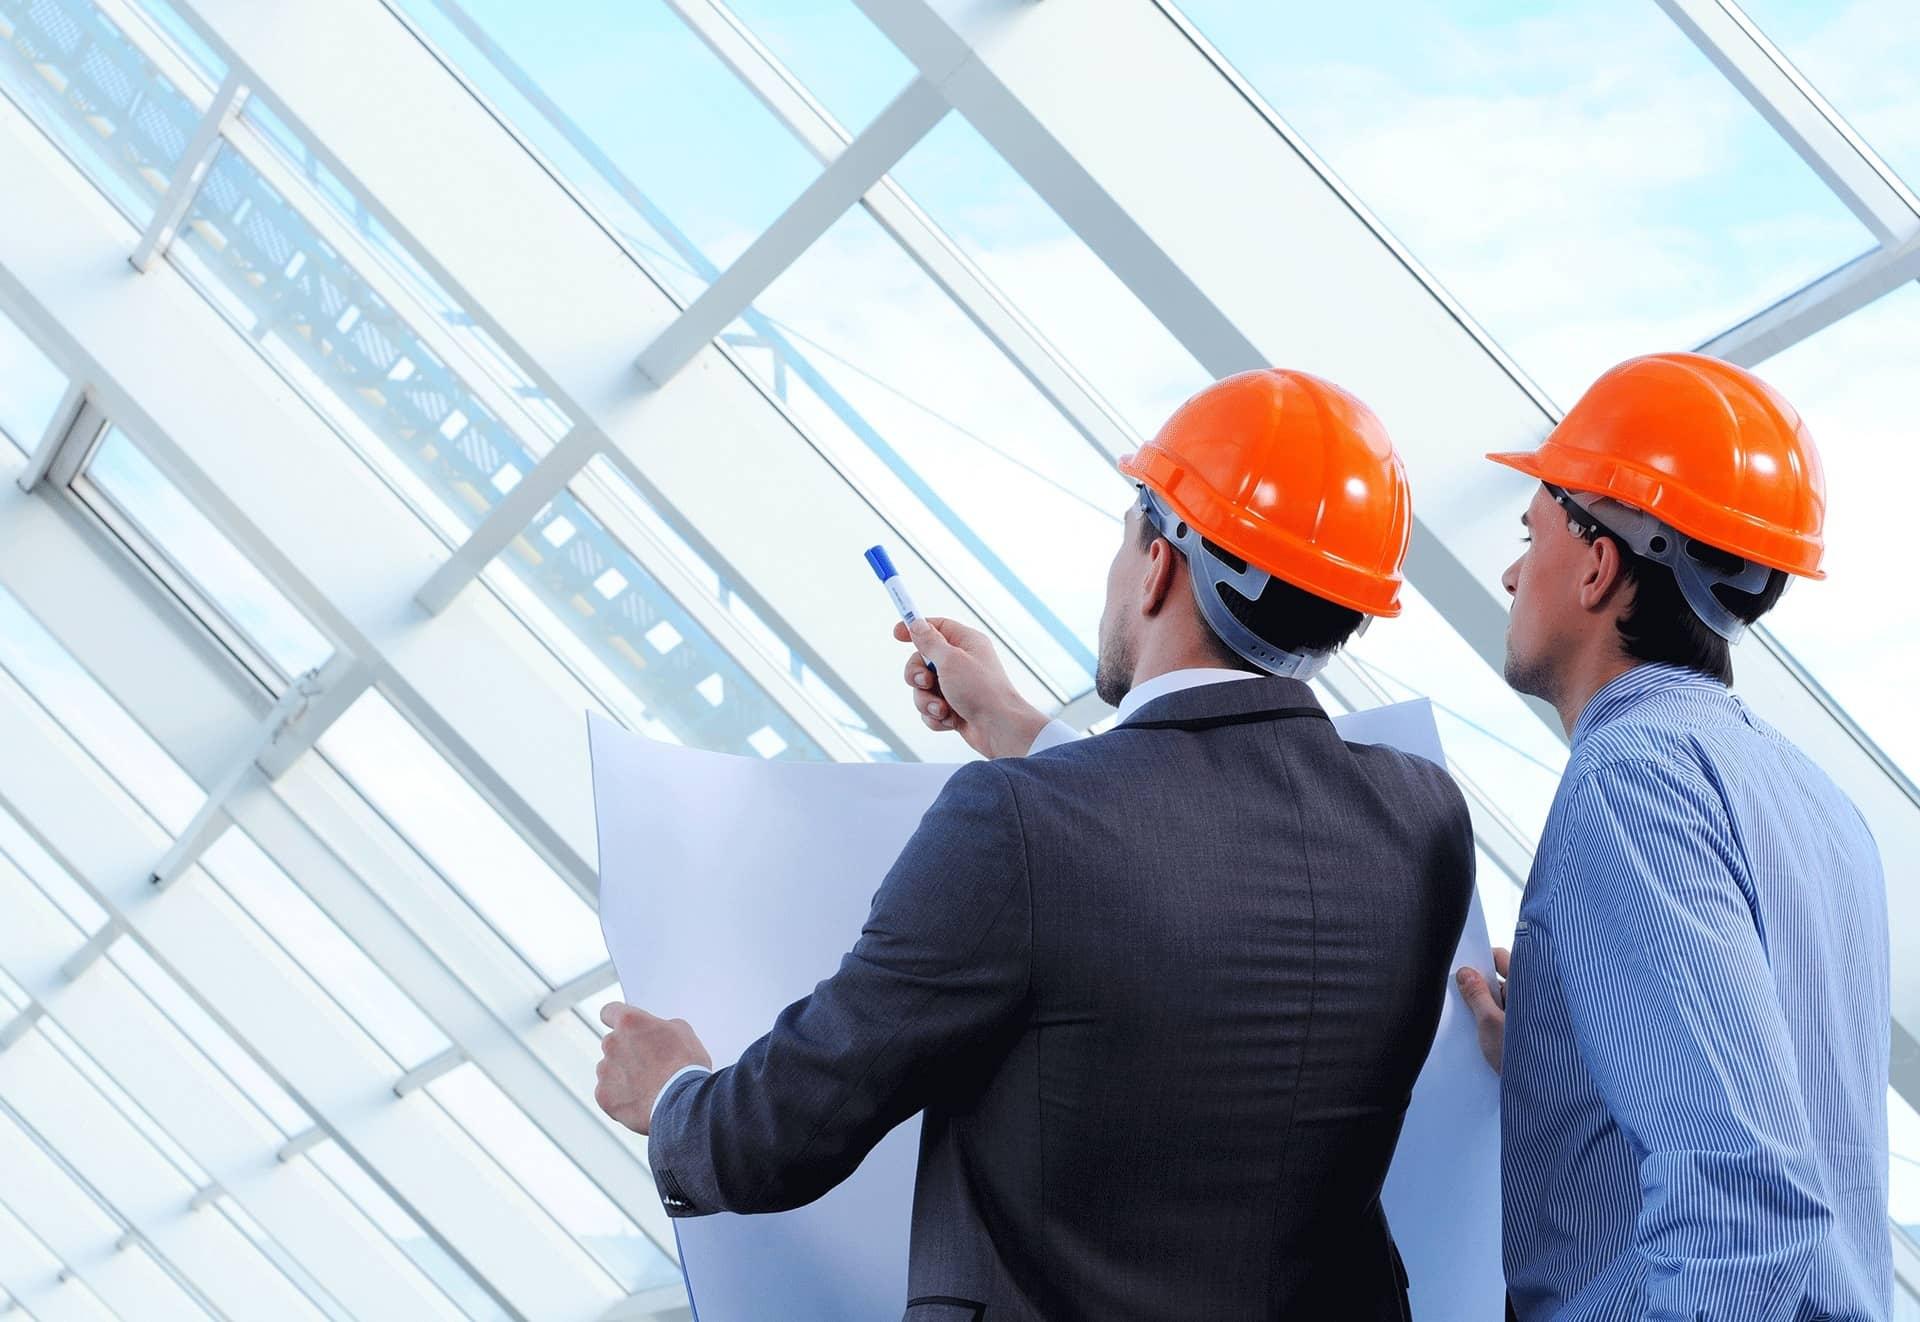 Mở cửa hàng kinh doanh vật liệu xây dựng cần những gì?